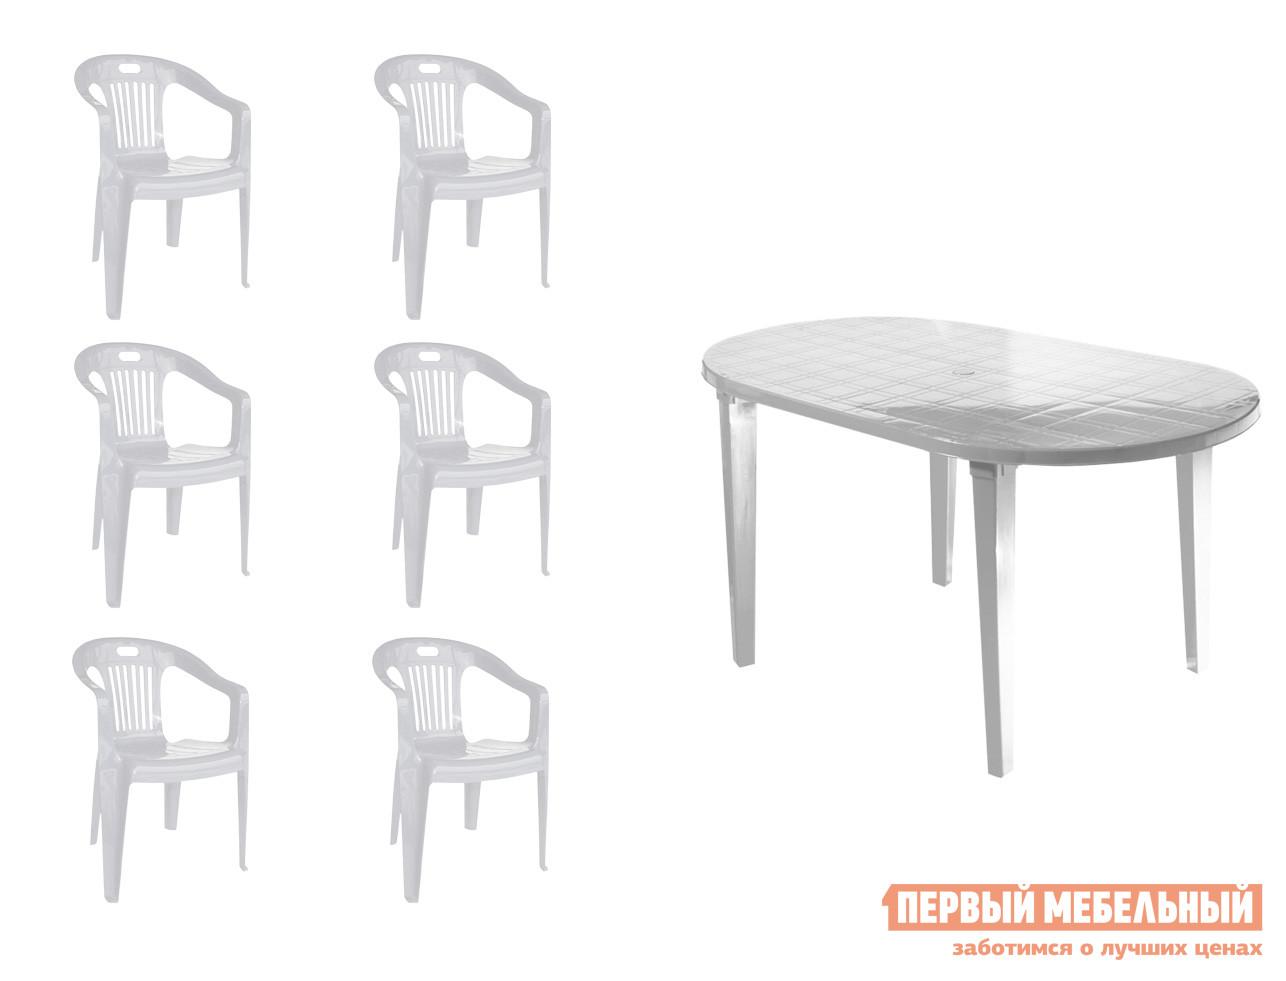 Набор пластиковой мебели Стандарт Пластик Стол овальный (1400х800х710) мм + Кресло №5 Комфорт-1 (540x535x780мм), 6 шт. БелыйНаборы пластиковой мебели<br>Габаритные размеры ВхШхГ xx мм. Набор пластиковой мебели включает в себя вместительный овальный стол и шесть кресел с подлокотниками.  Мебель выполнена из неприхотливого в уходе, легкого, но прочного материала.  Это делает ее идеальной для использования в летних кафе, банкетах на открытом воздухе, а также для дачи. Каждое кресло рассчитано на максимальный вес 120 кг. Размеры элементов:Стол: 710 Х 1400 Х 800 мм, вес 7. 34 кг; Кресло: 780 Х 540 Х 535 мм, вес 2. 4 кг. Кресла поставляются в собранном виде.  Стол разобран – для сборки стола необходимо вкрутить ножки в столешницу.<br><br>Цвет: Белый<br>Цвет: Белый<br>Кол-во упаковок: 7<br>Форма поставки: В собранном виде<br>Срок гарантии: 1 год